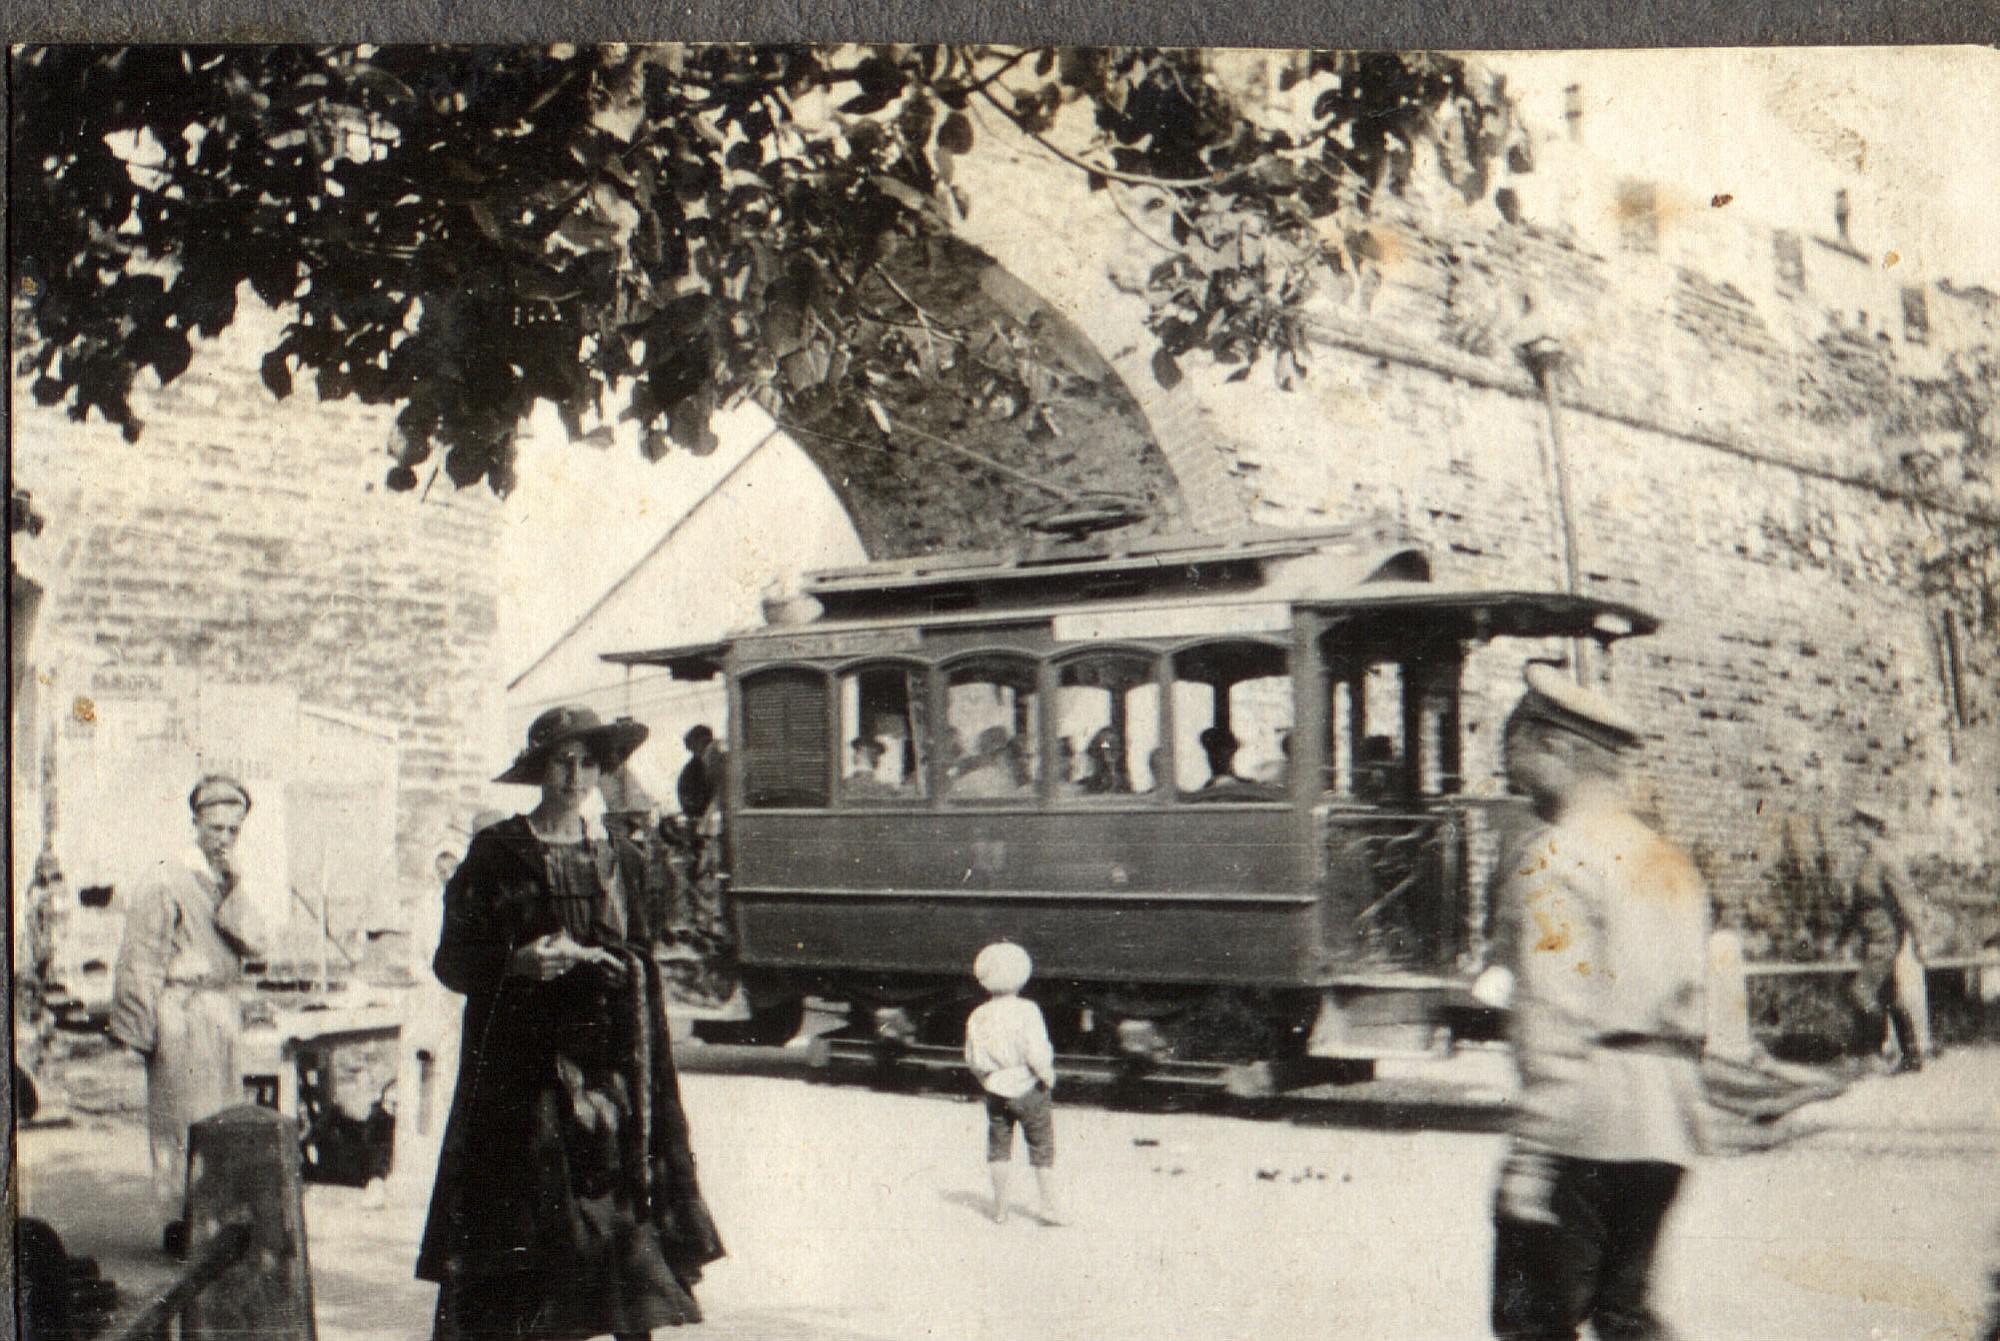 Трамвай в Нижнем Новгороде, 1916.